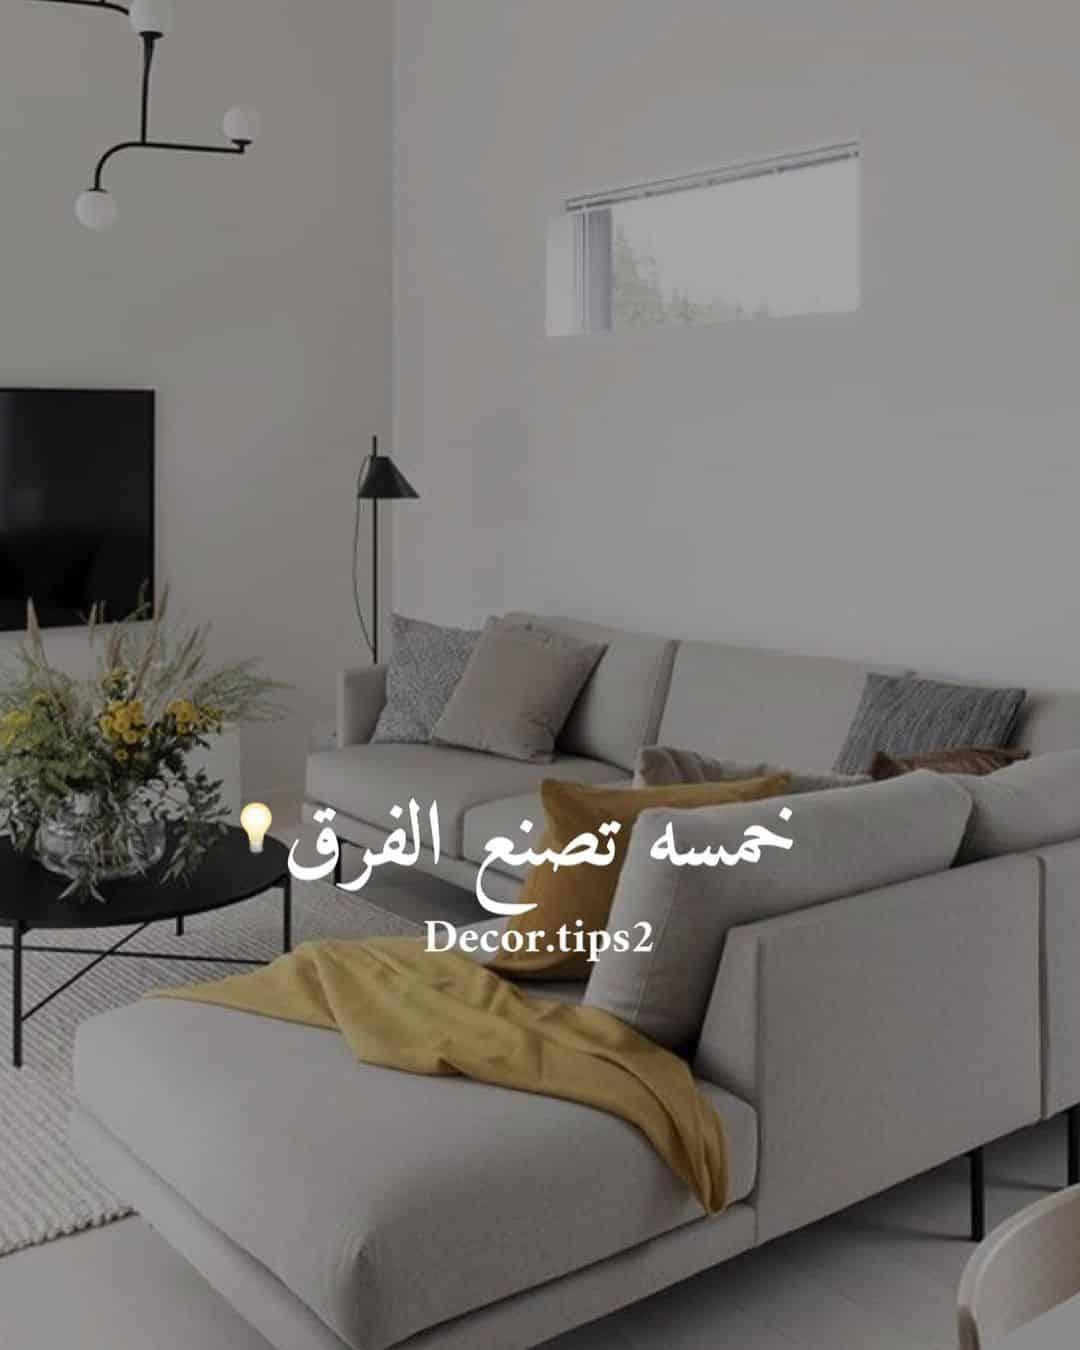 .  ٣- وبما أن غرفة المعيشه اكثر وقت يجلسون فيه افراد العائله فموضوع الراحه اهم …